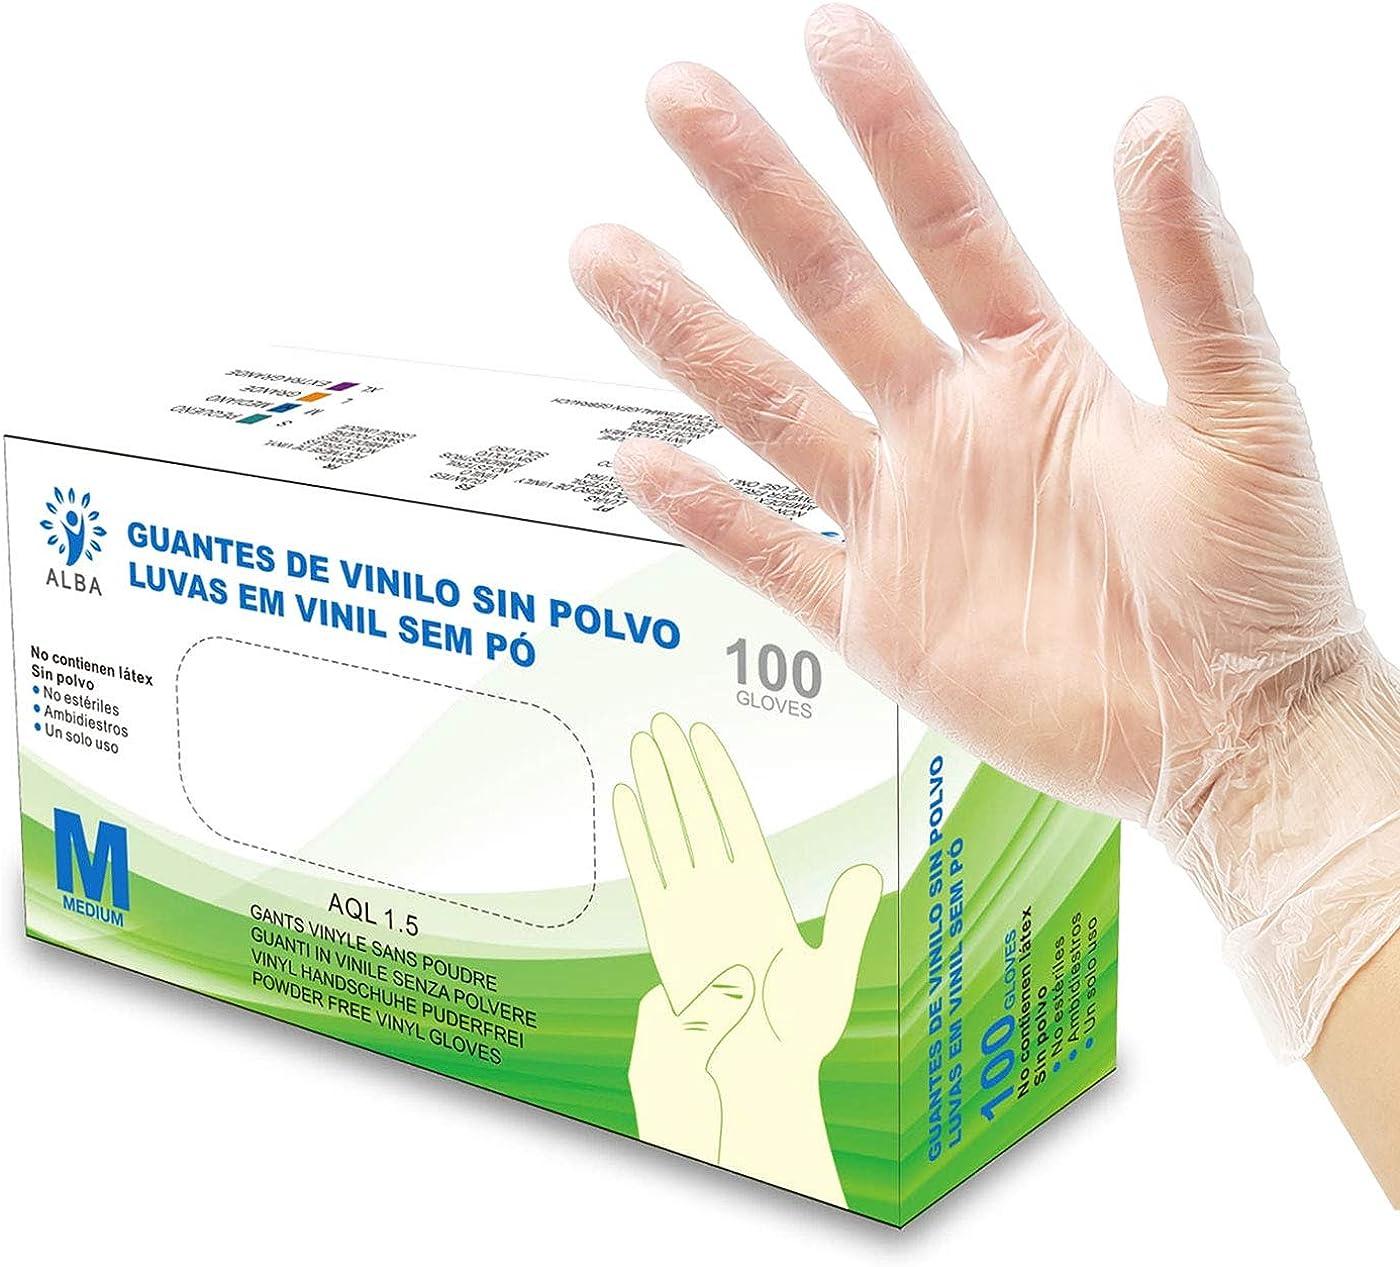 Guantes de Vinilo Sin Polvo 100 Unidades - Talla M - AQL 1.5 Guantes Desechables Ambidiestros Reciclables. Ideales para Uso de Alimentos, Limpieza, Bricolaje, Belleza, Industrial y Sanitario: Amazon.es: Ropa y accesorios